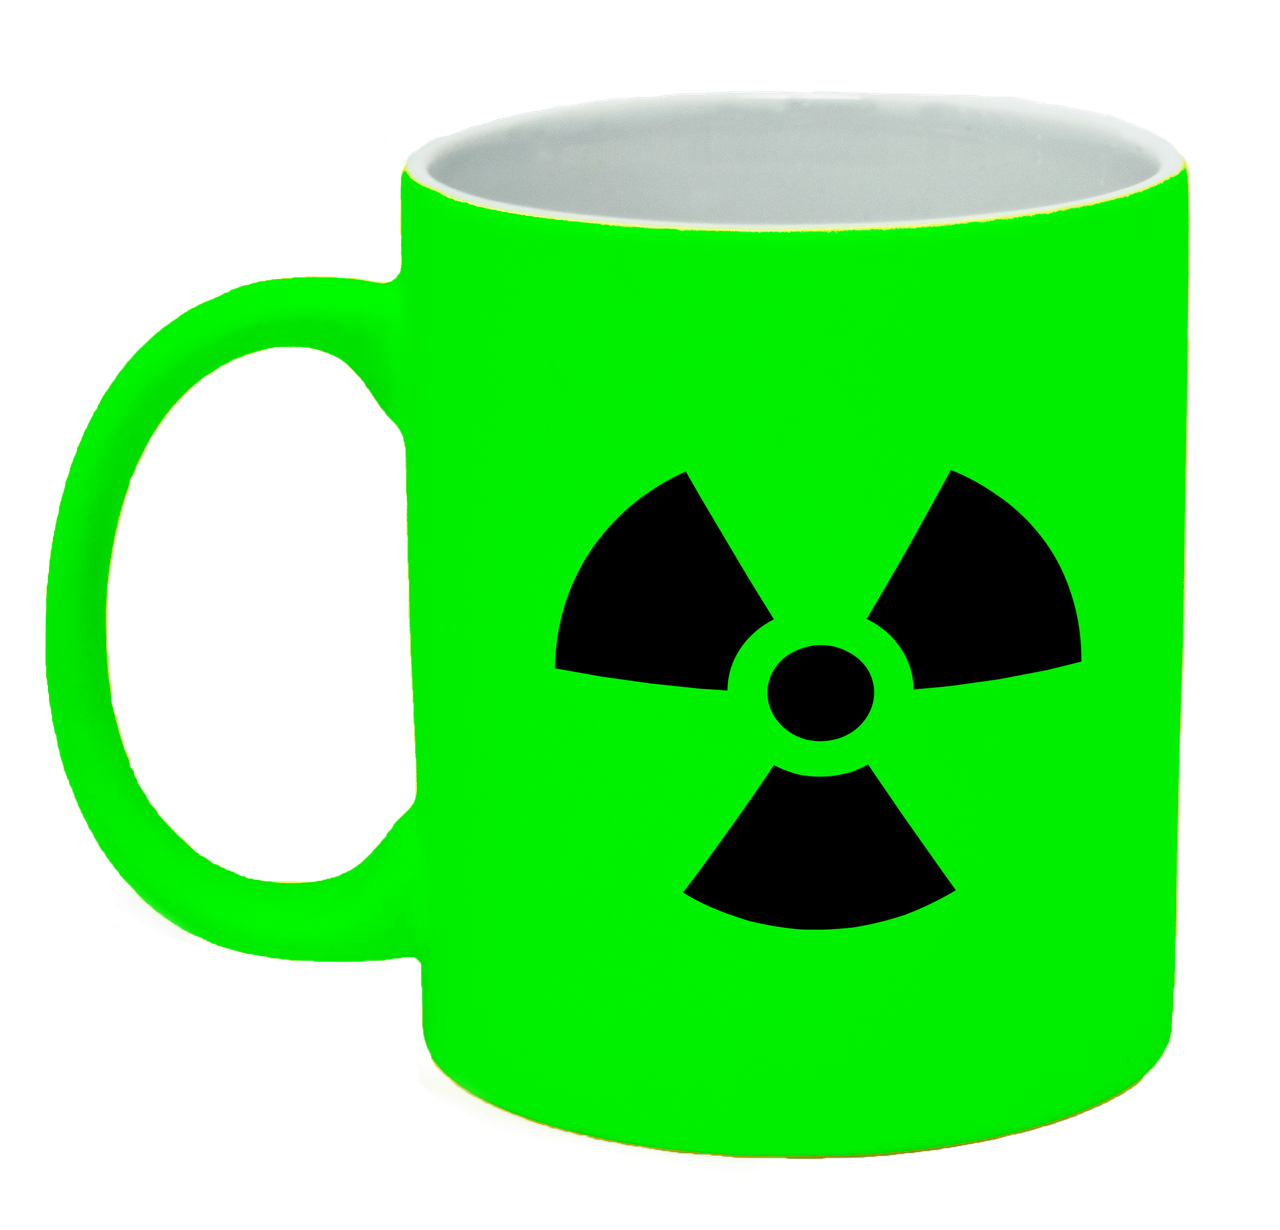 Неоновая матовая чашка Ядерная опасность, ярко-зеленая